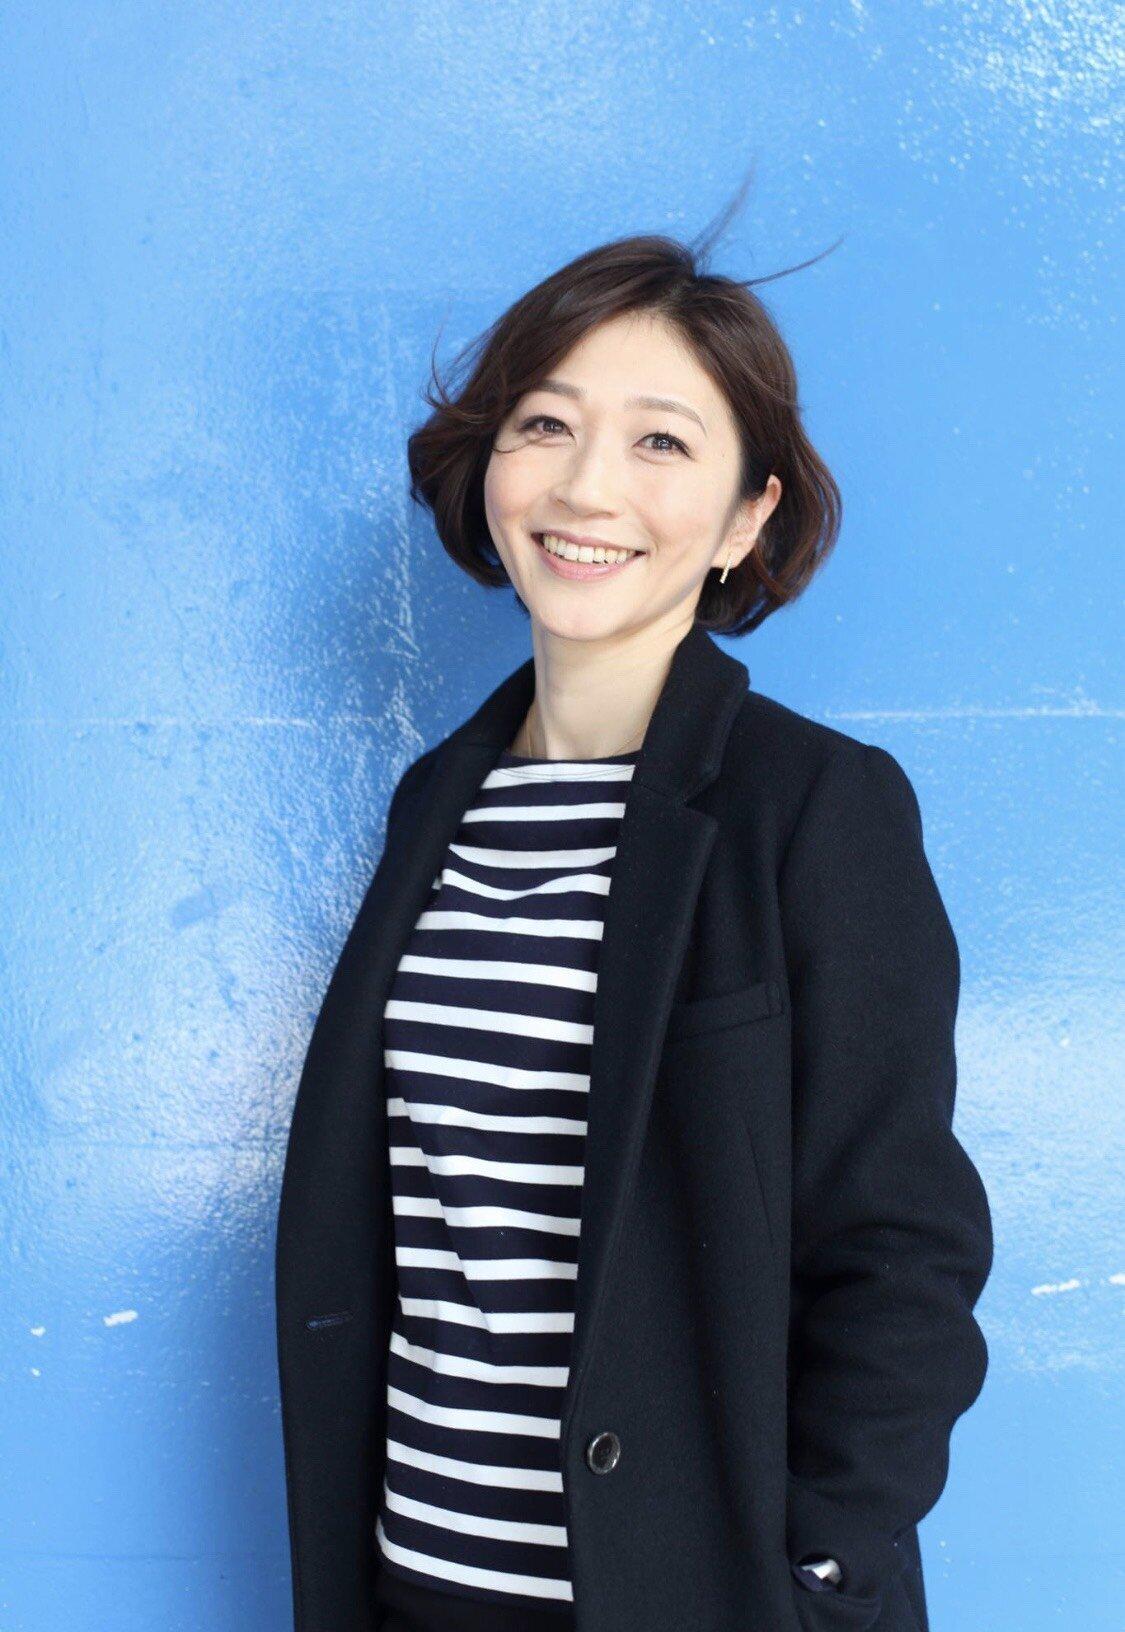 元TBSアナ、今は広島・原爆被害の伝承を目指す研究者に。久保田智子さんがオーラル・ヒストリーを学ぶ理由